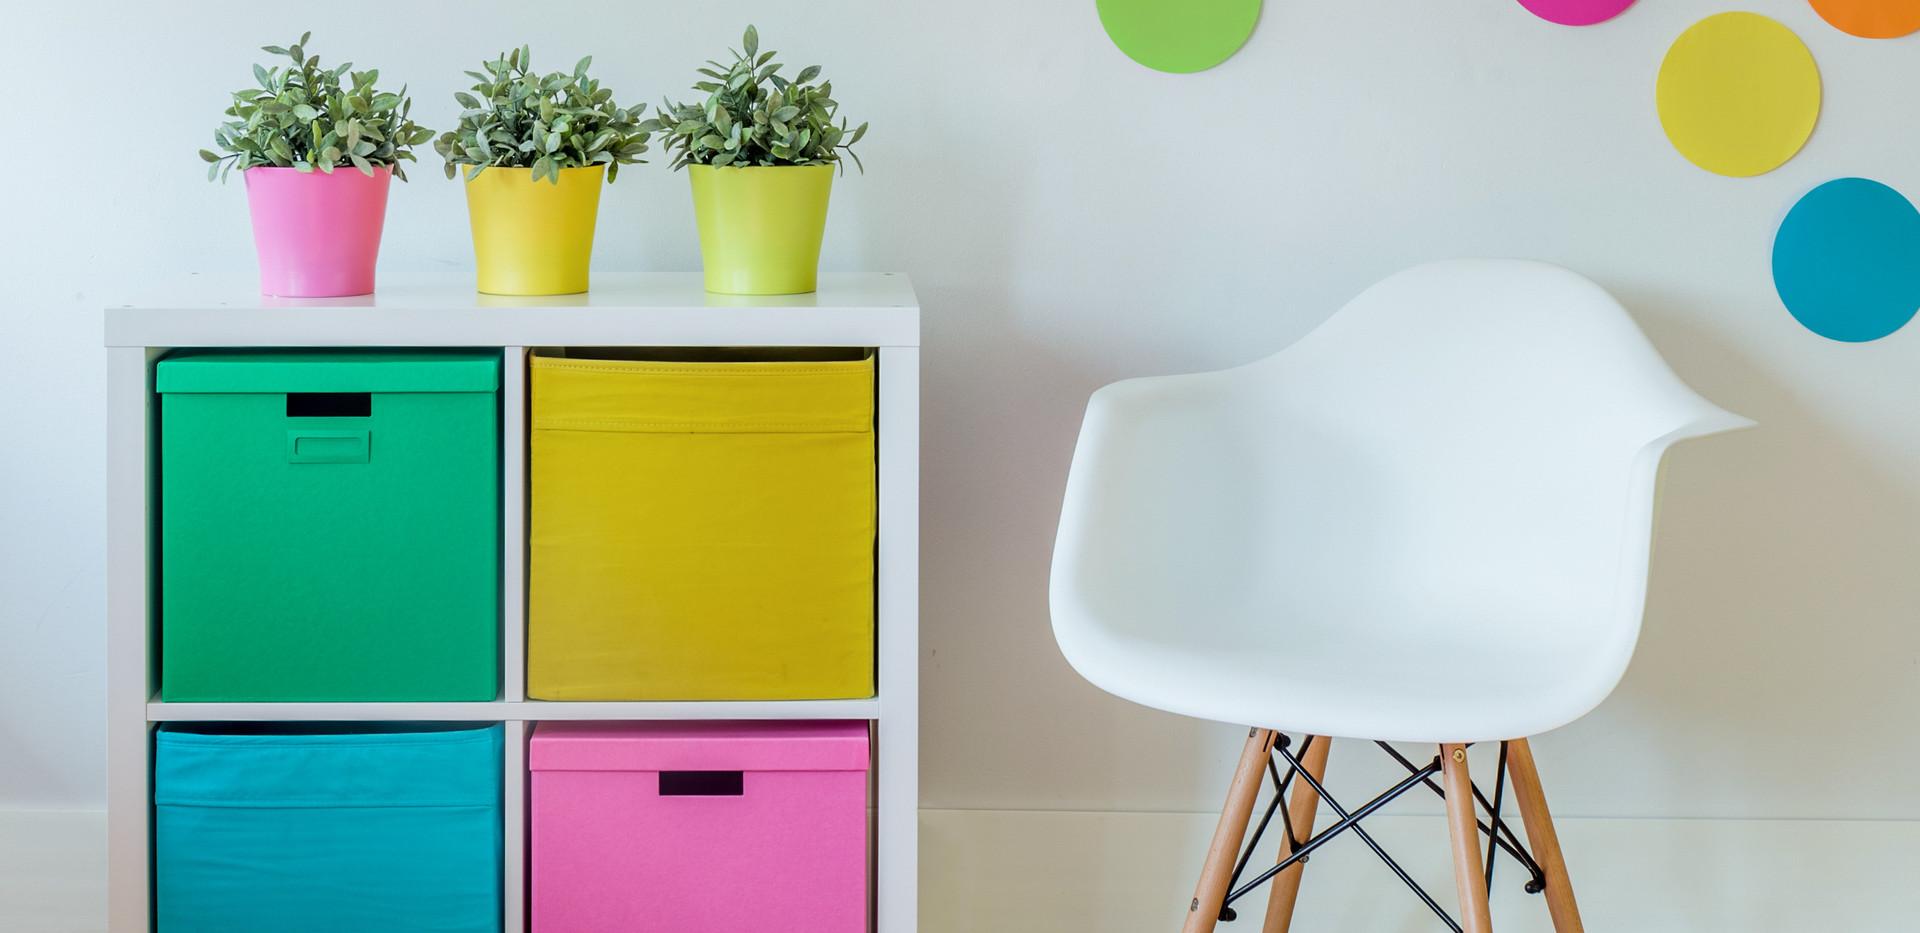 Interior of multicolor designed room for